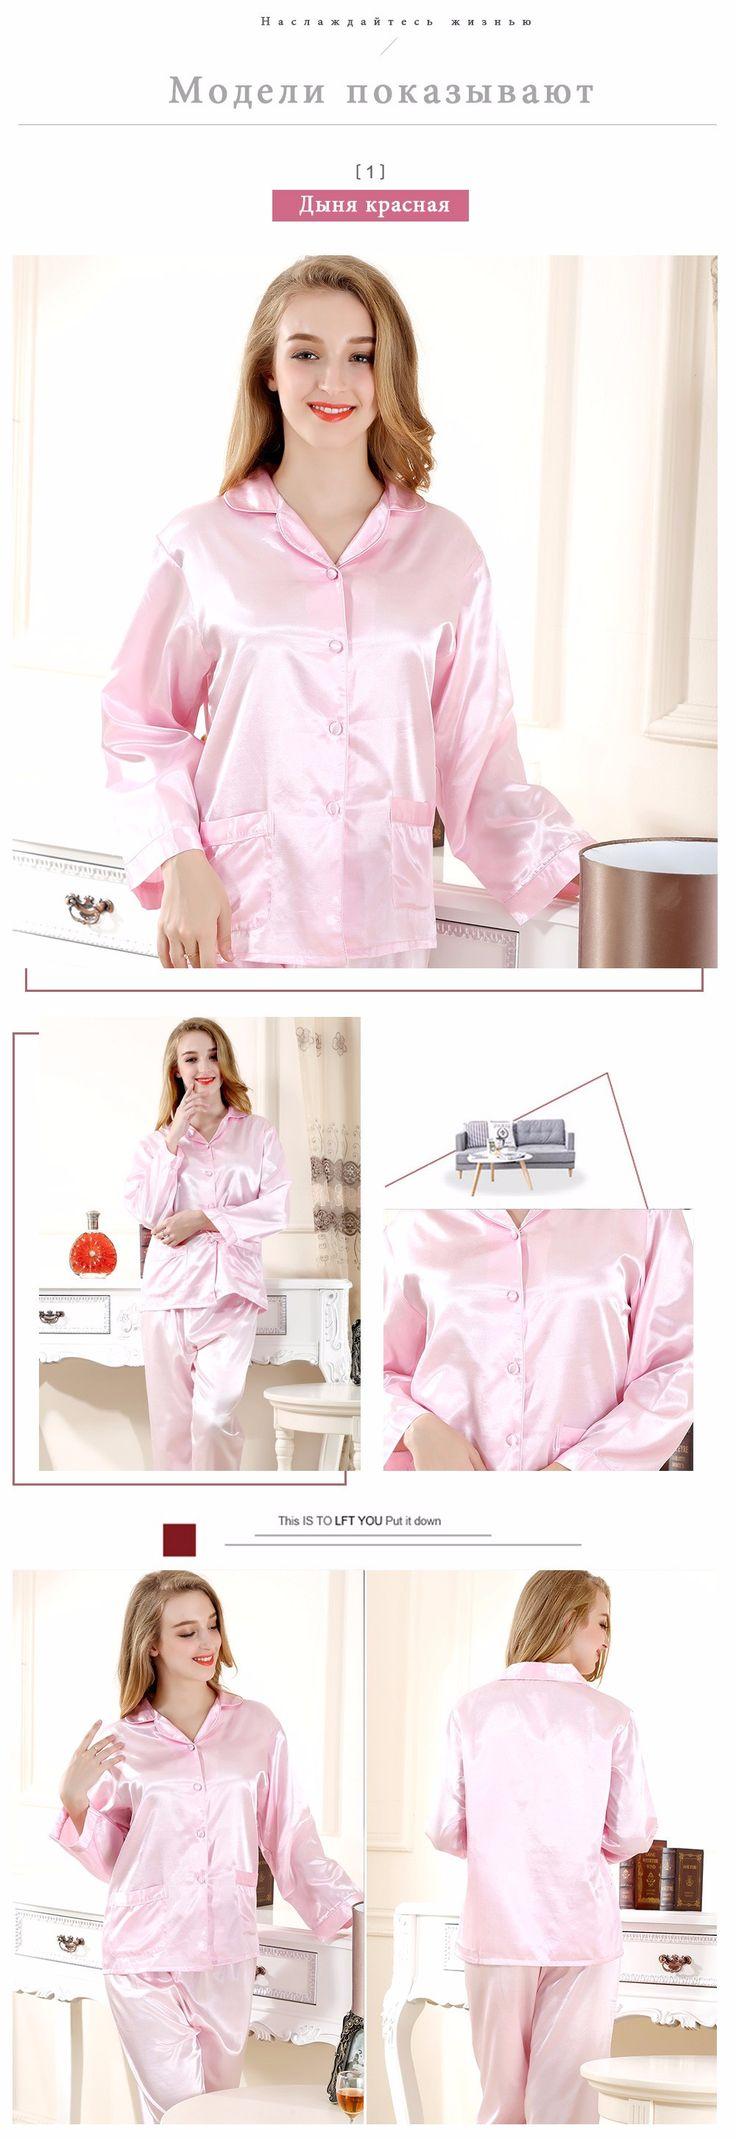 Yuzihua 2017 топы пижамы шелковый атлас ночное розовый белый цвет пижамы женские летние пижамы 2 шт./компл. Ml XL 35019 купить на AliExpress